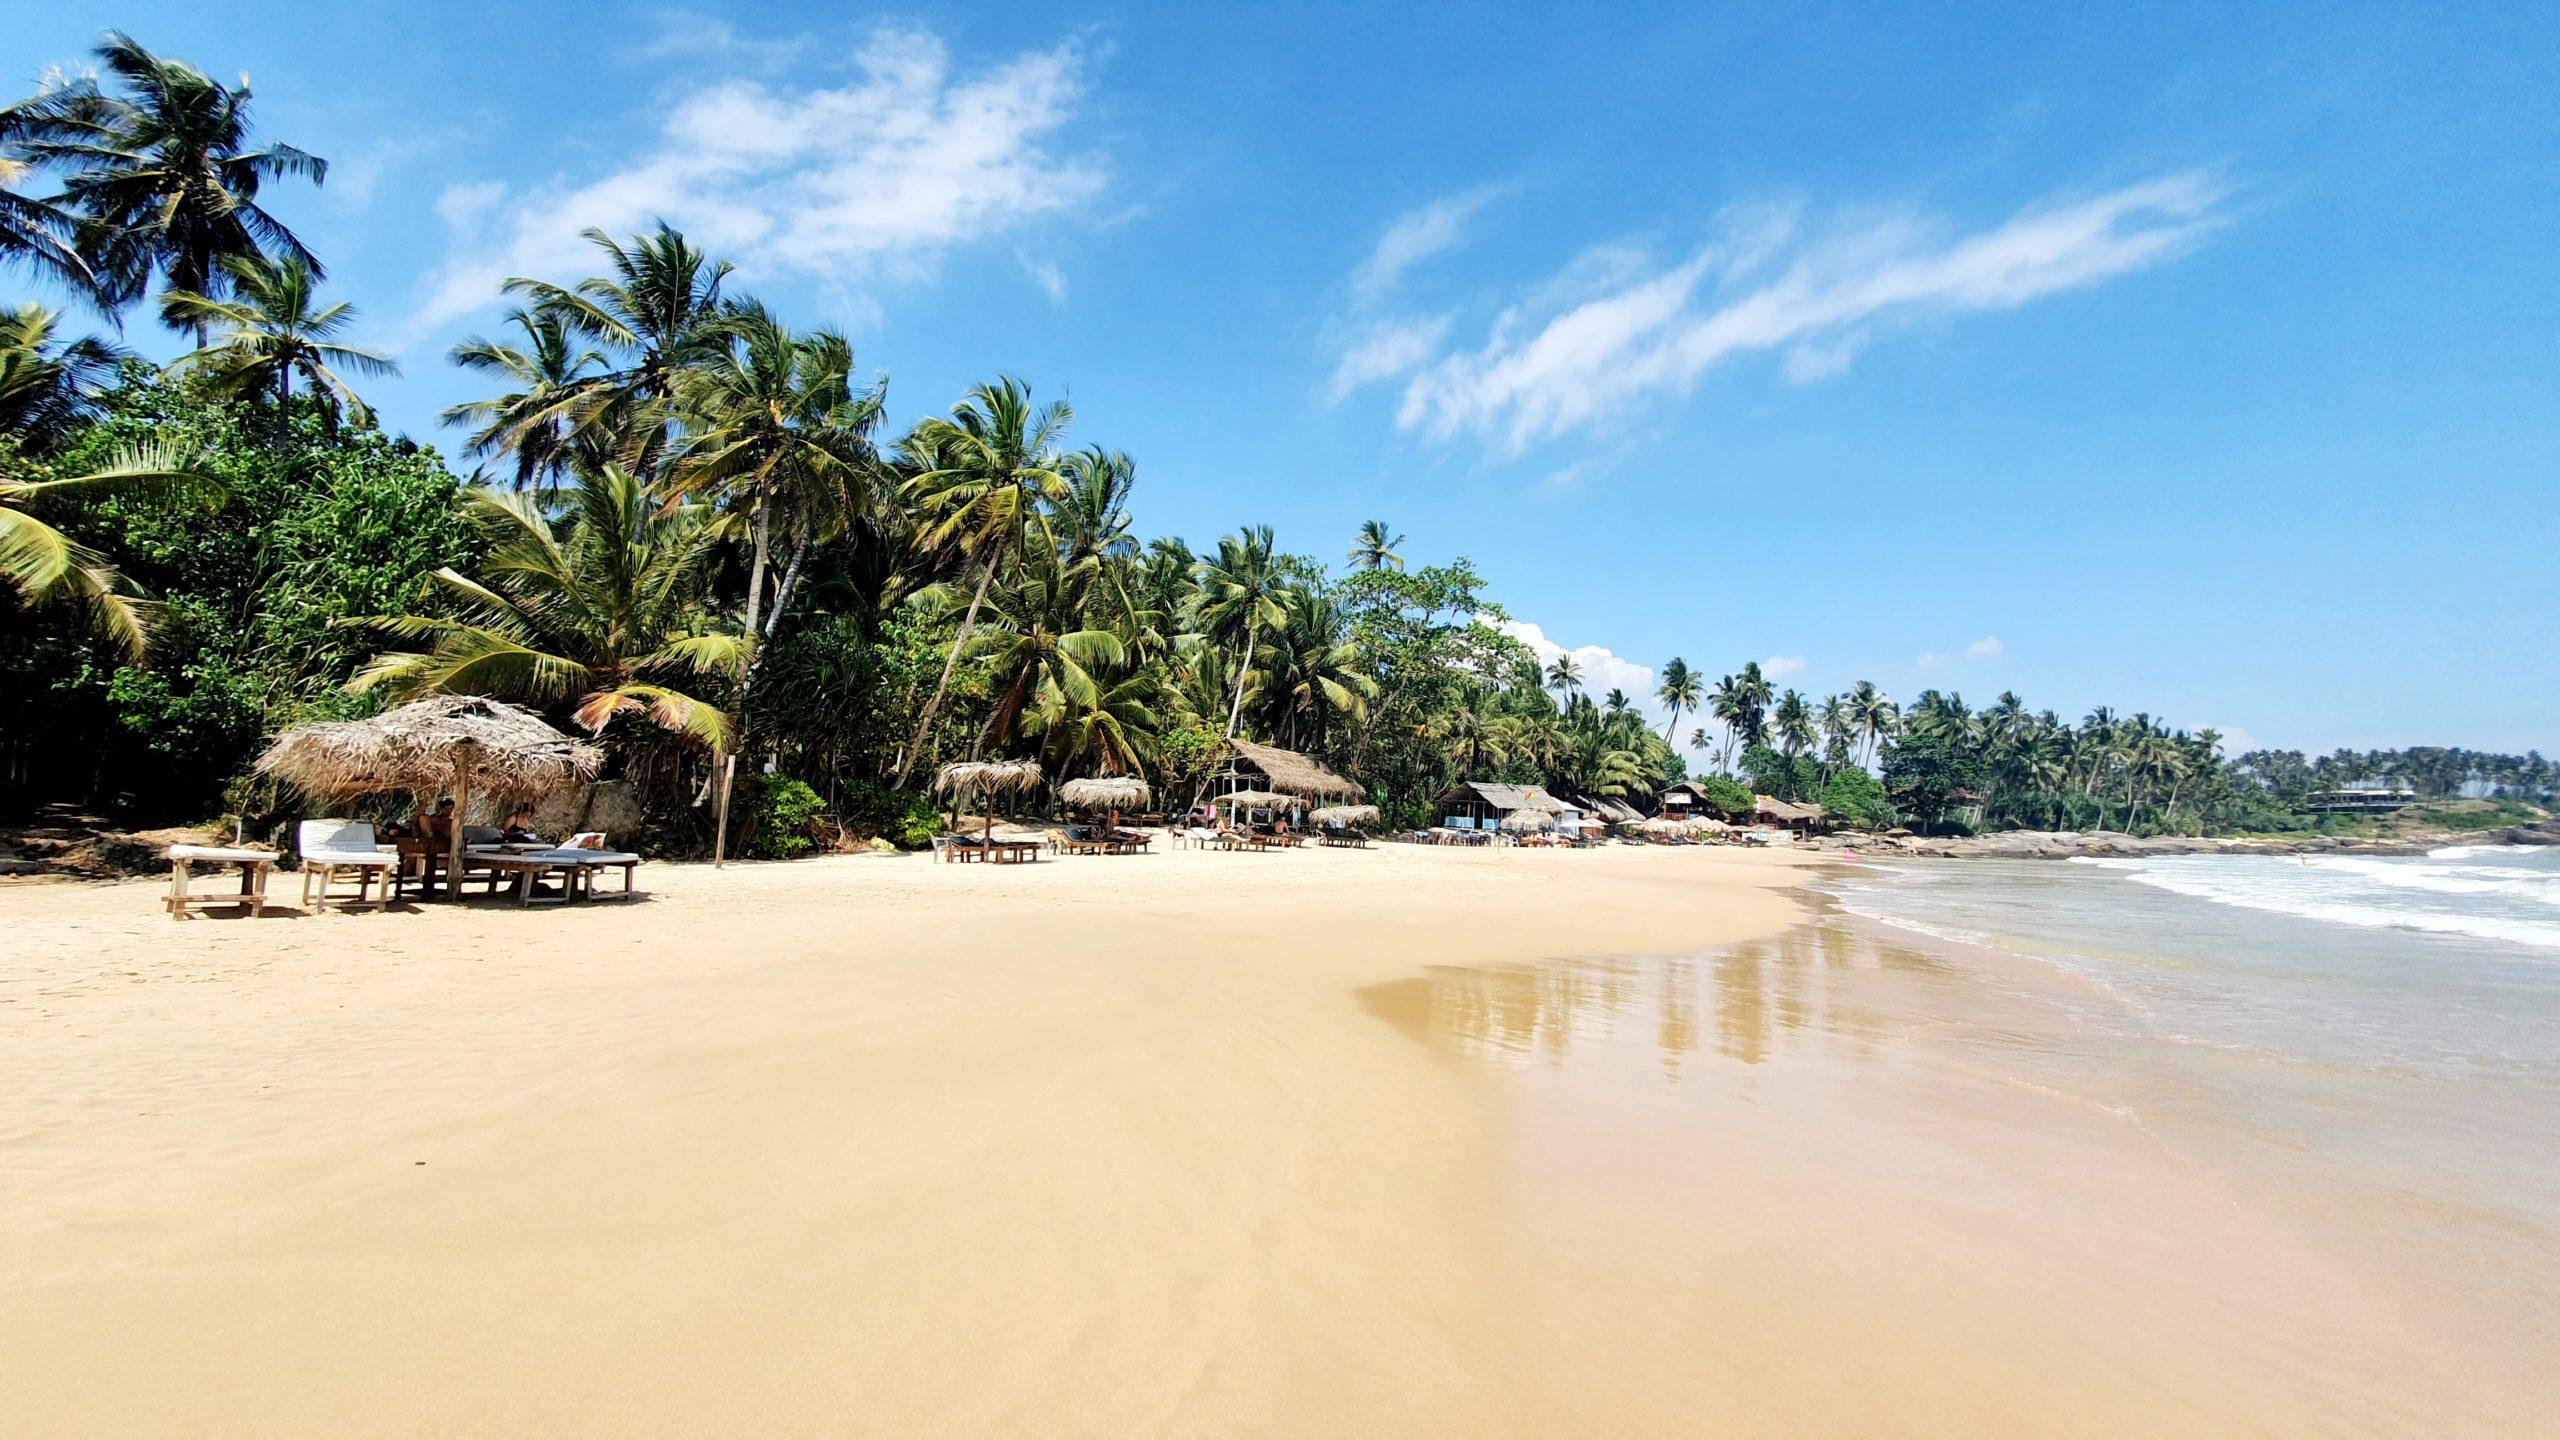 Goyambokka Beach Sri Lanka południowe wybrzeże